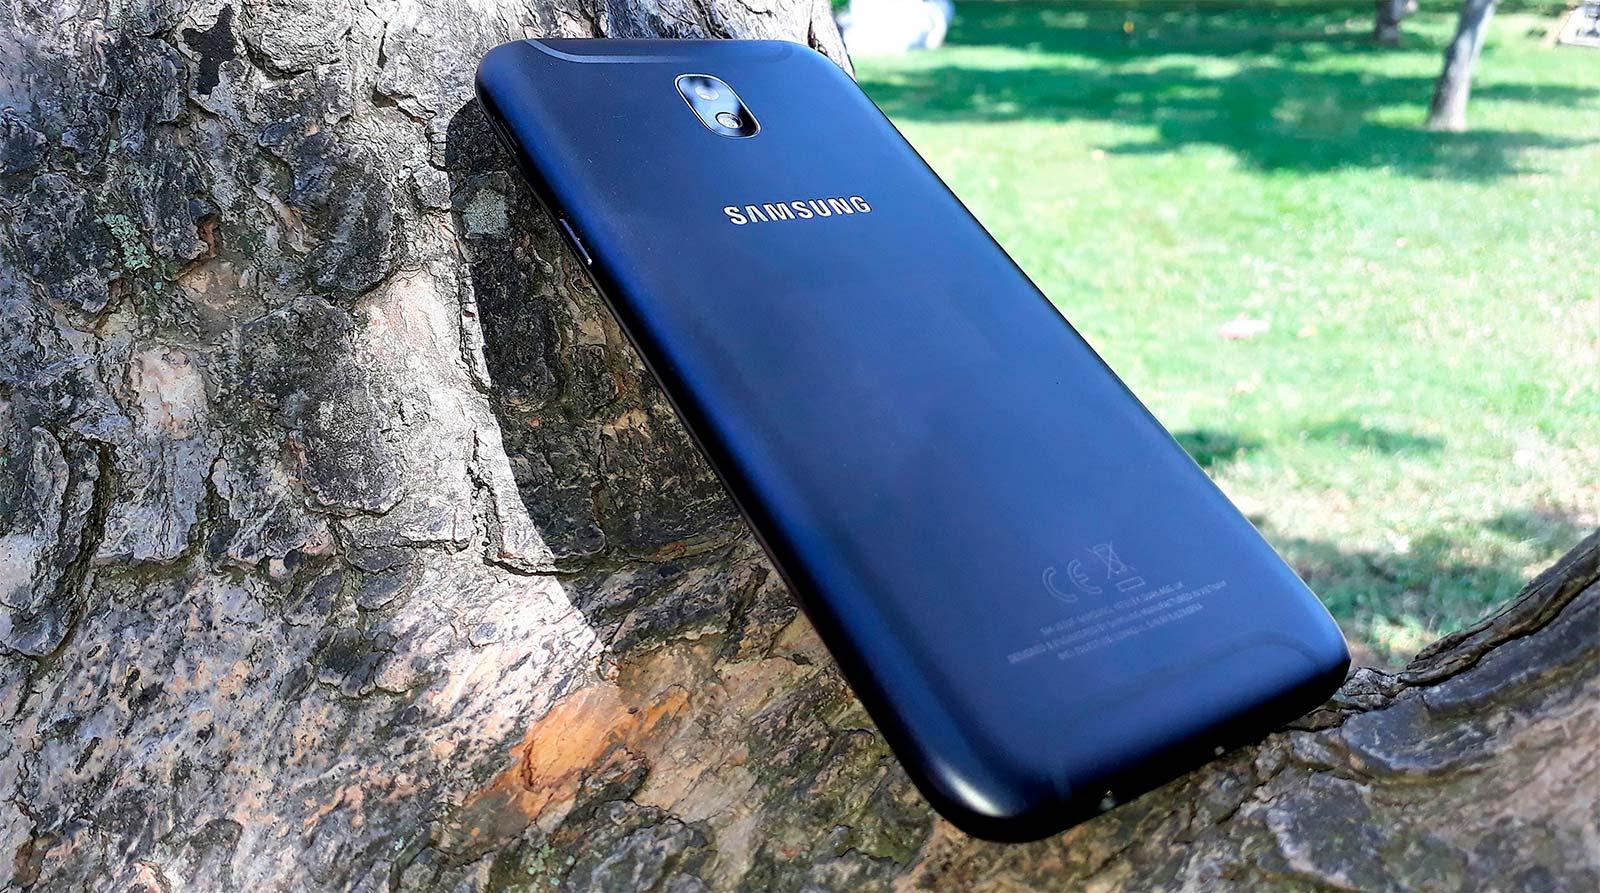 Samsung Galaxy J5 2017 - это стильный металлический смартфон